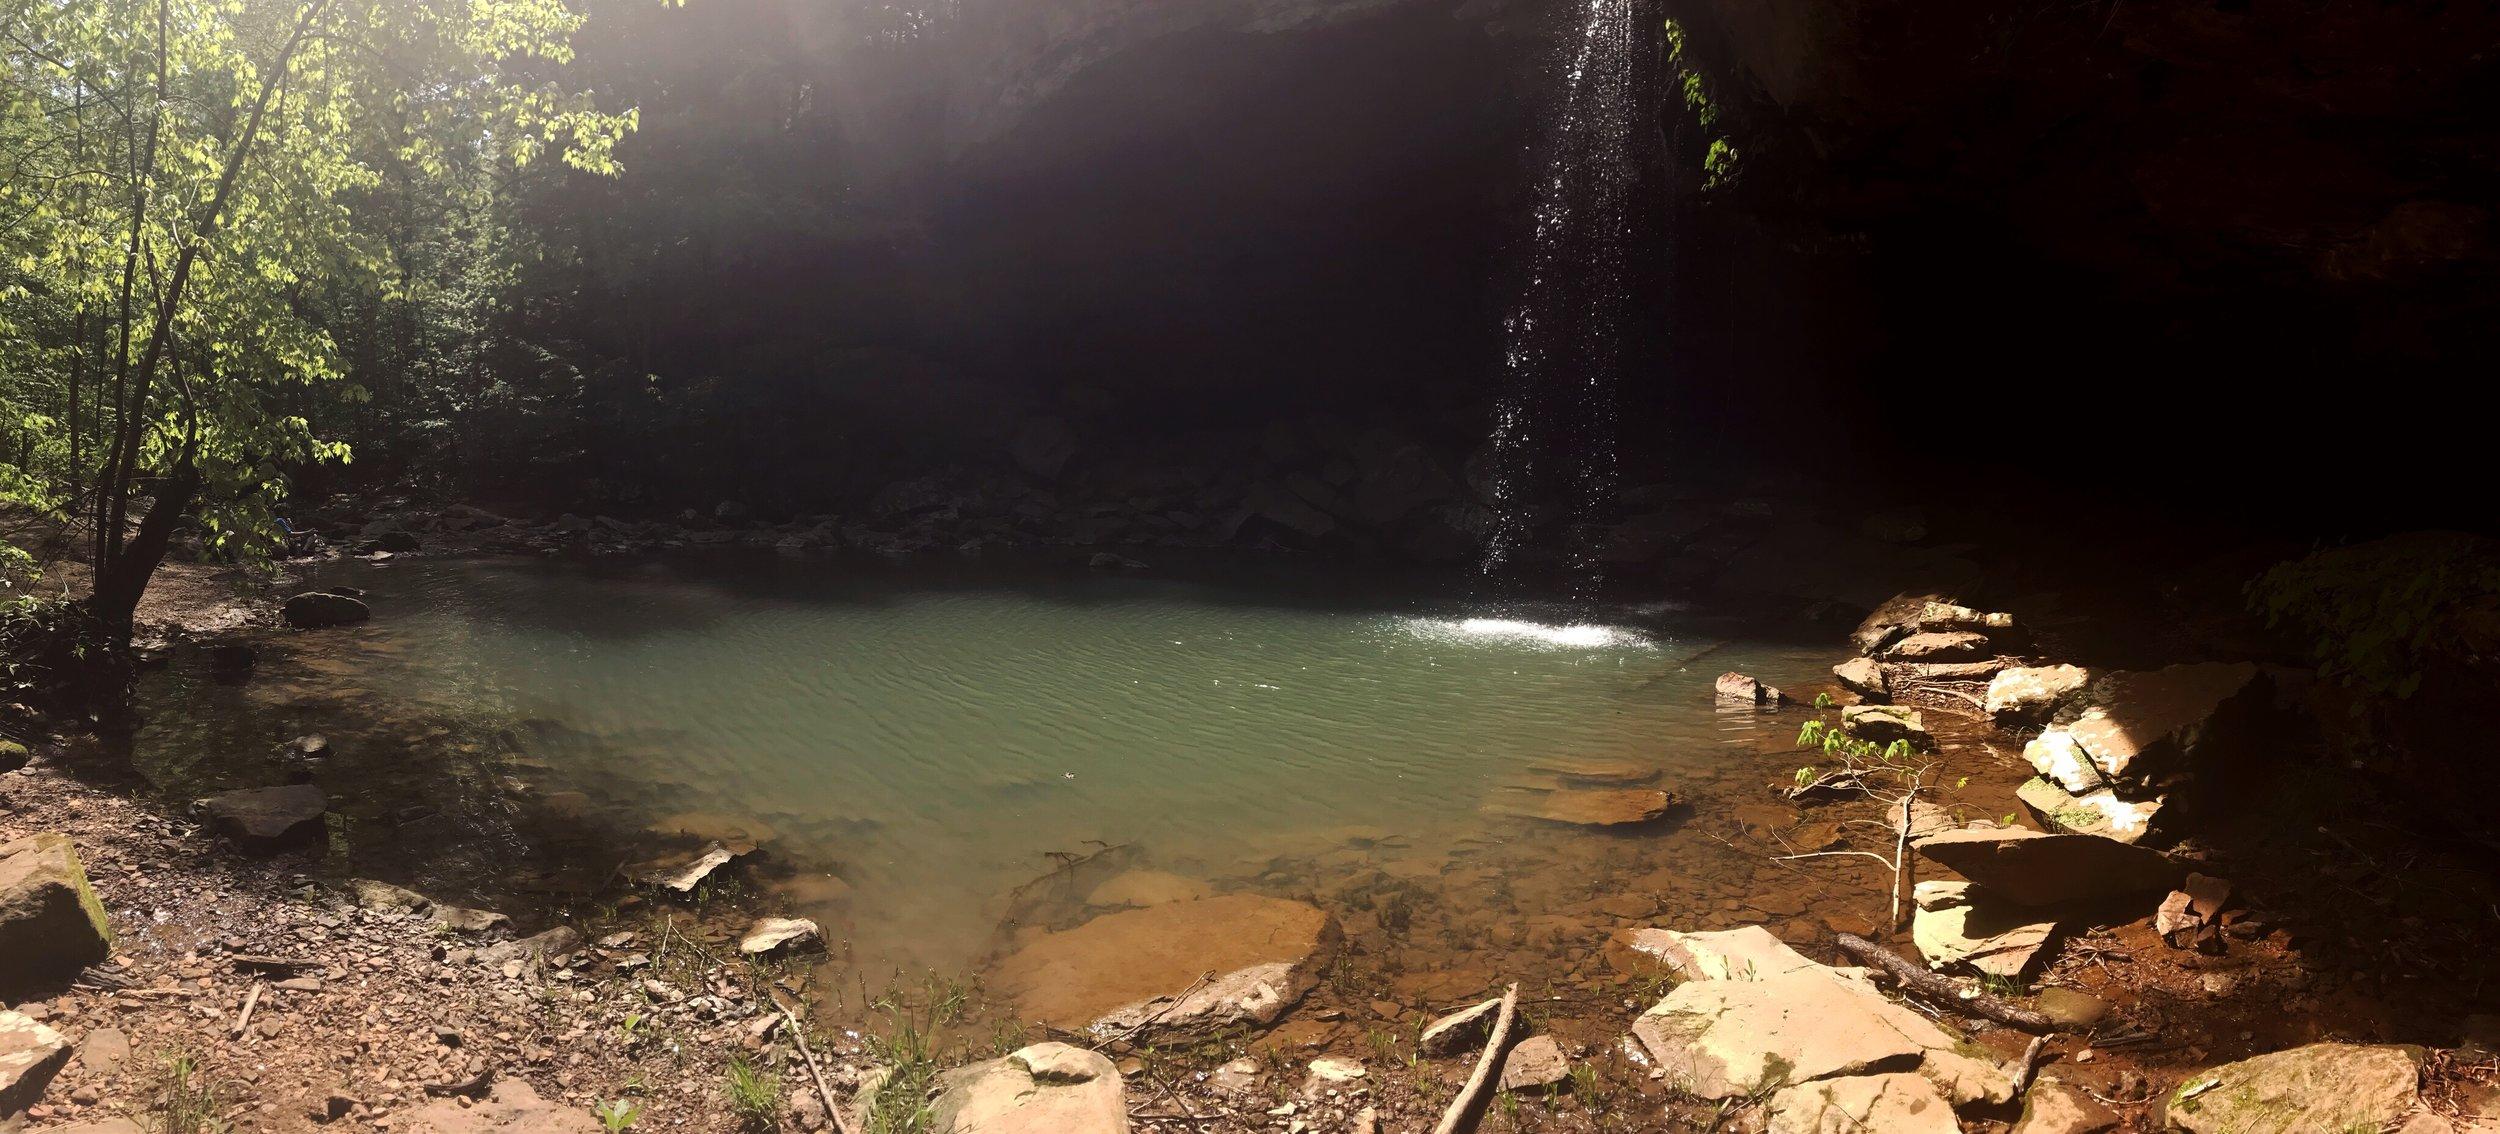 fern-clyffe-waterfall-4.JPG